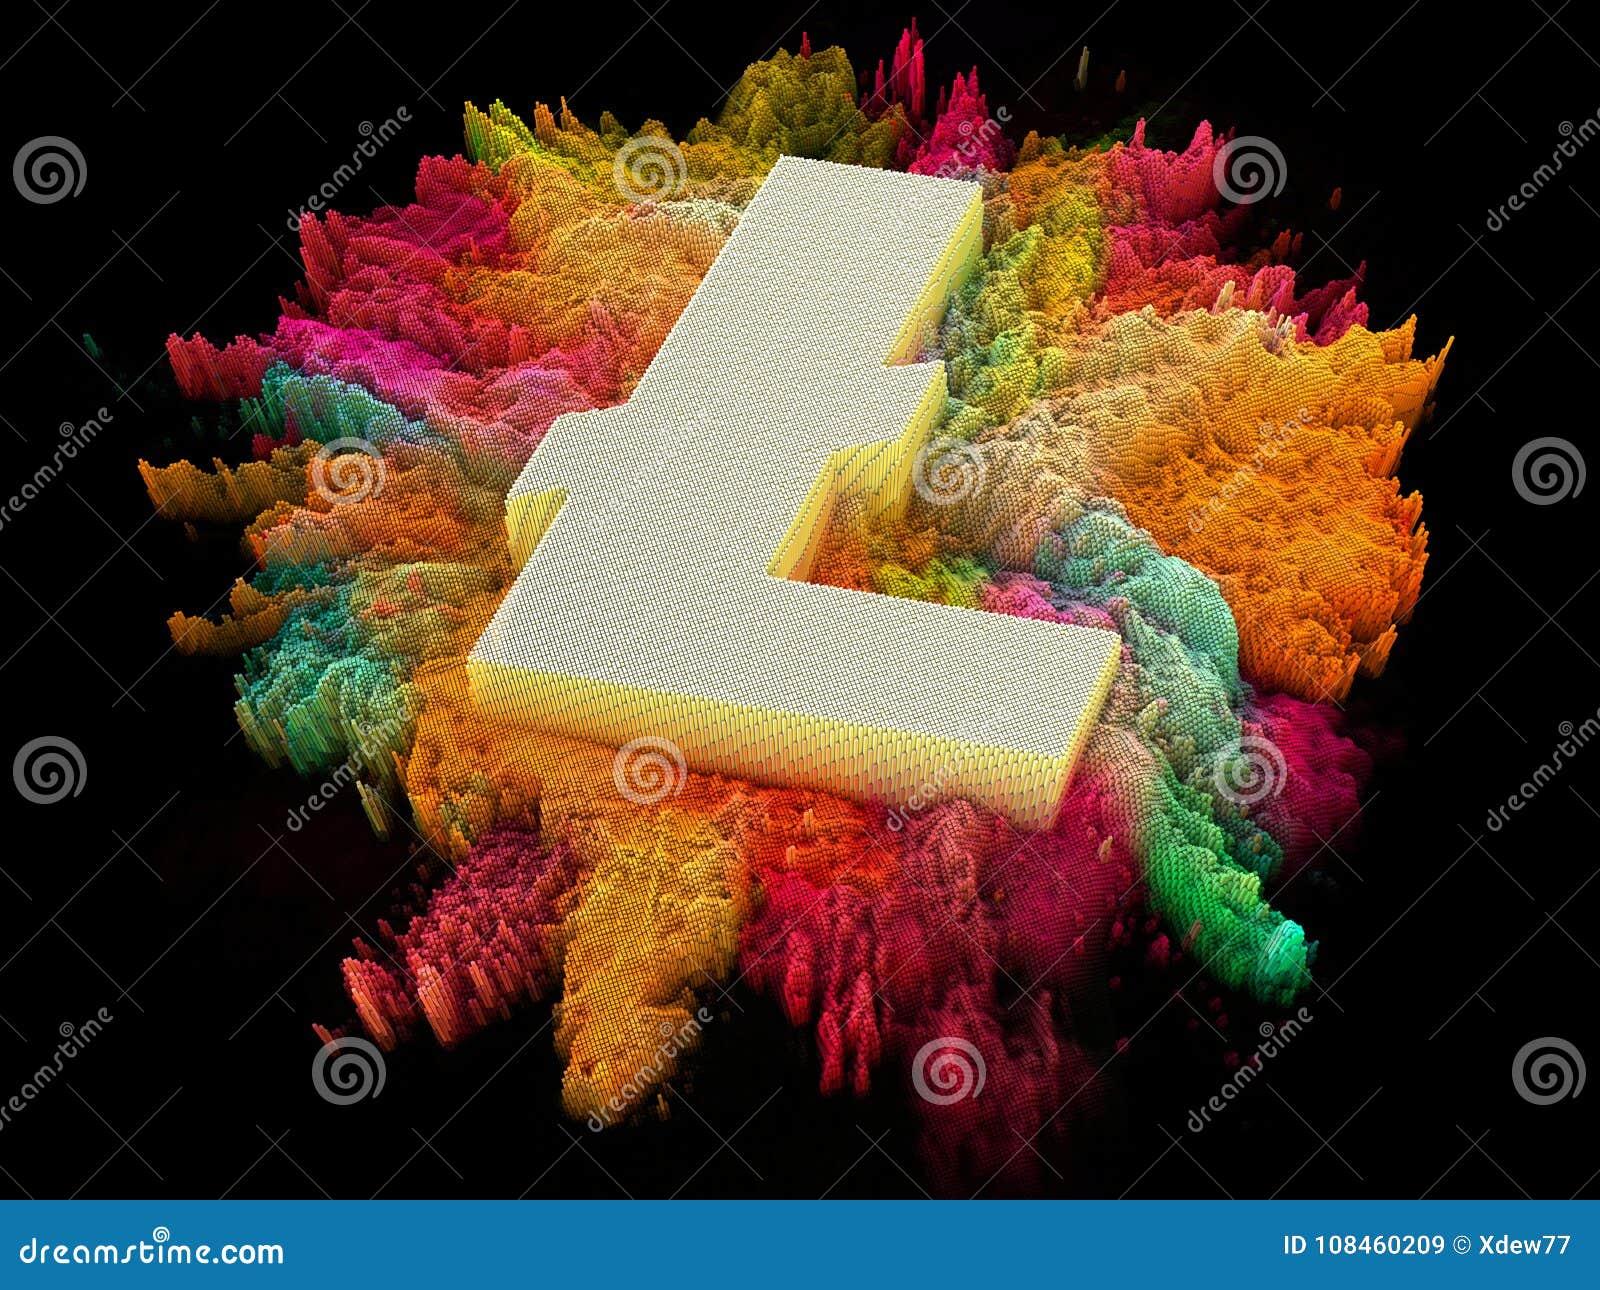 Crypto valutaLitecoin symbol